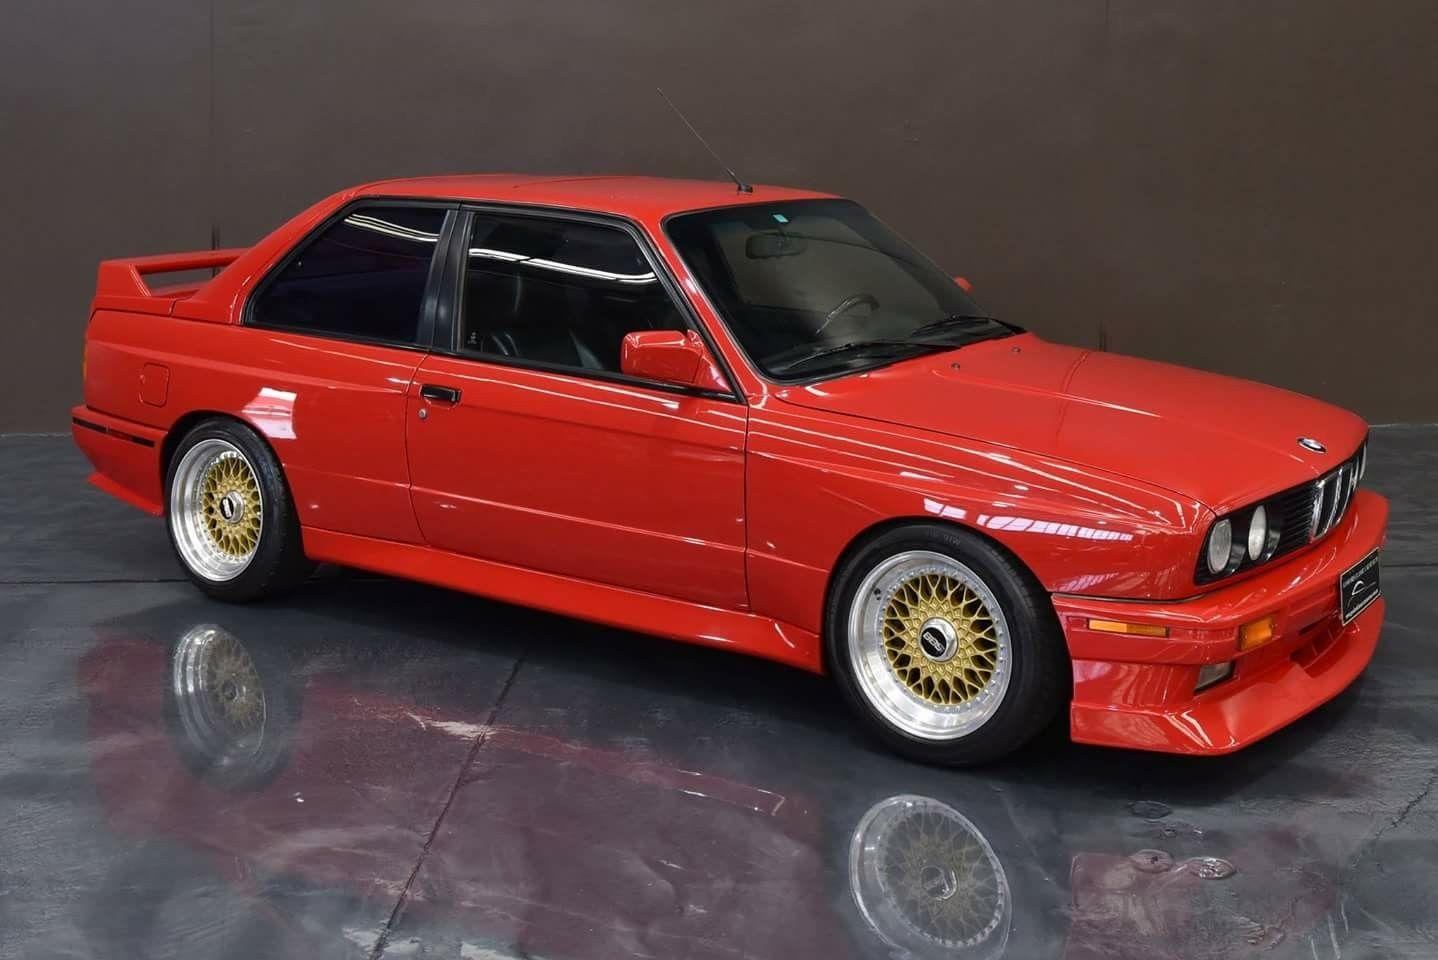 Bmw E30 M3 Red With Images Bmw E30 M3 Bmw E30 Bmw M3